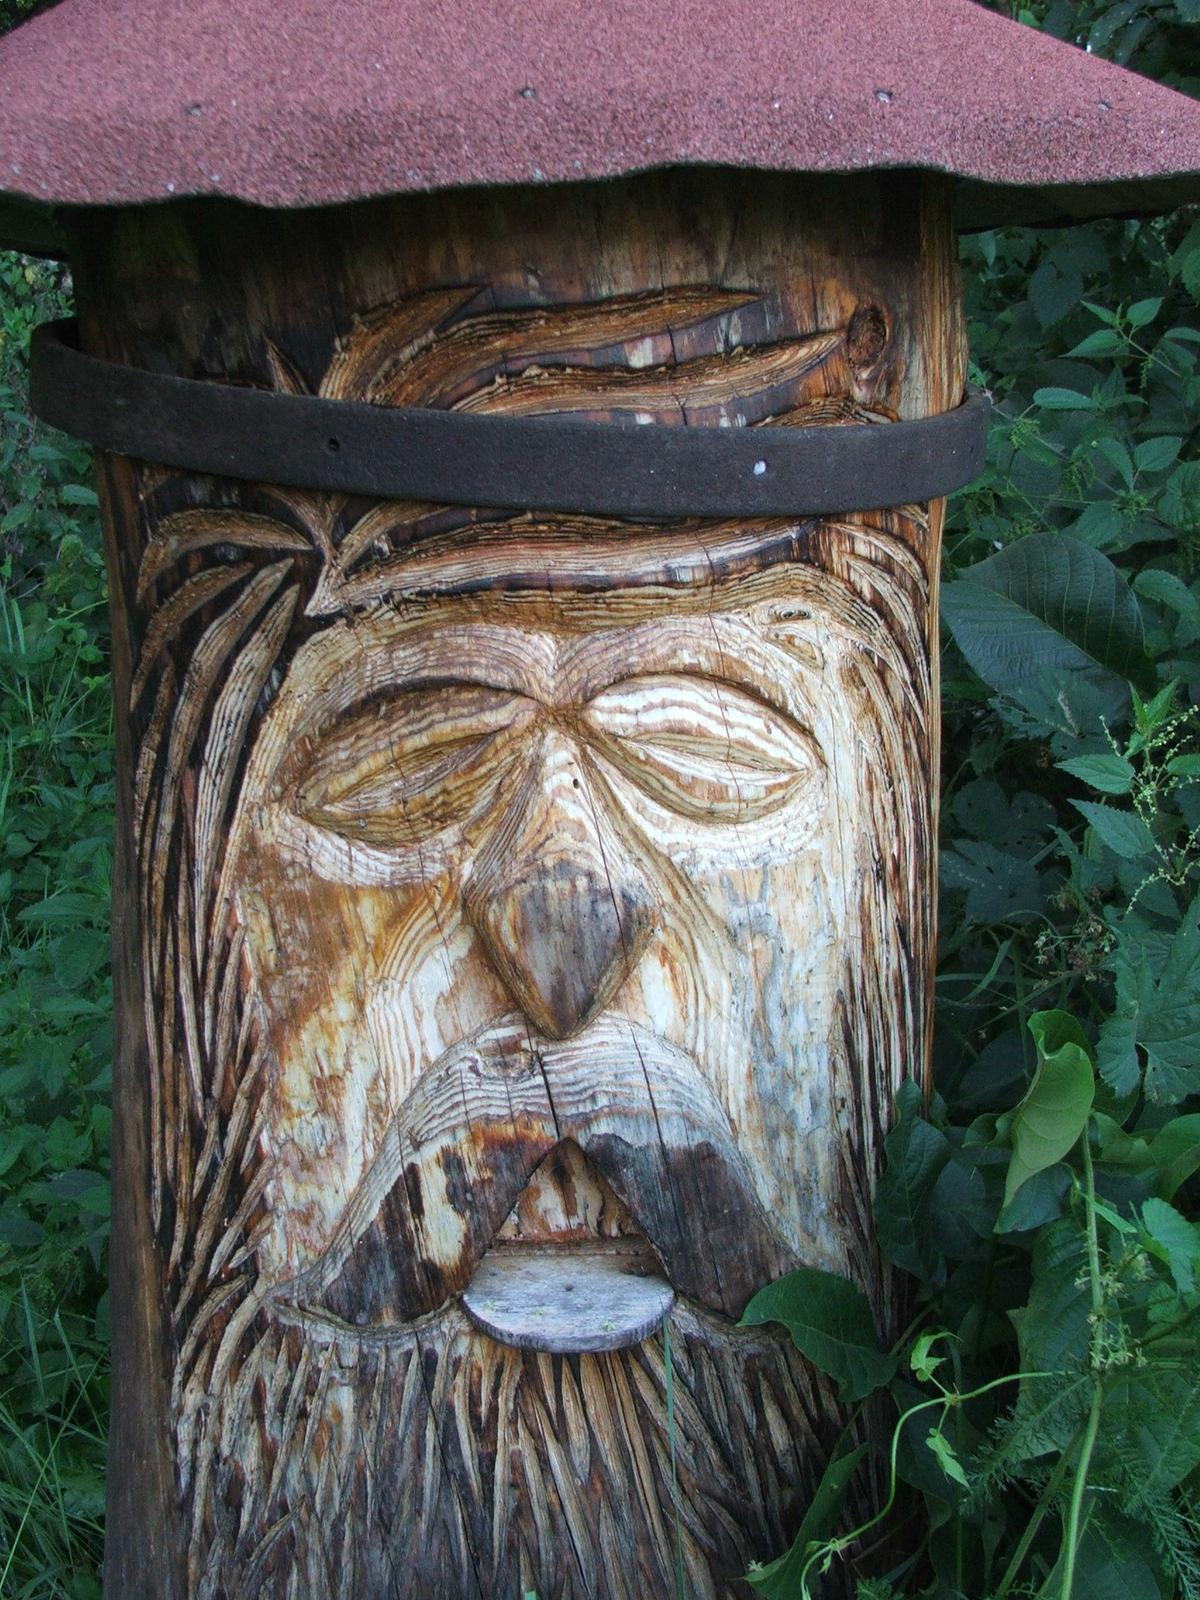 Tam kde si chodíme vyčistiť hlavu :) - Muž vyrezával pred pár rokmi úľ...troška mu spadla jedna obruč....ale roky sa podpísali na dreve...to sa mi páči...taká patina